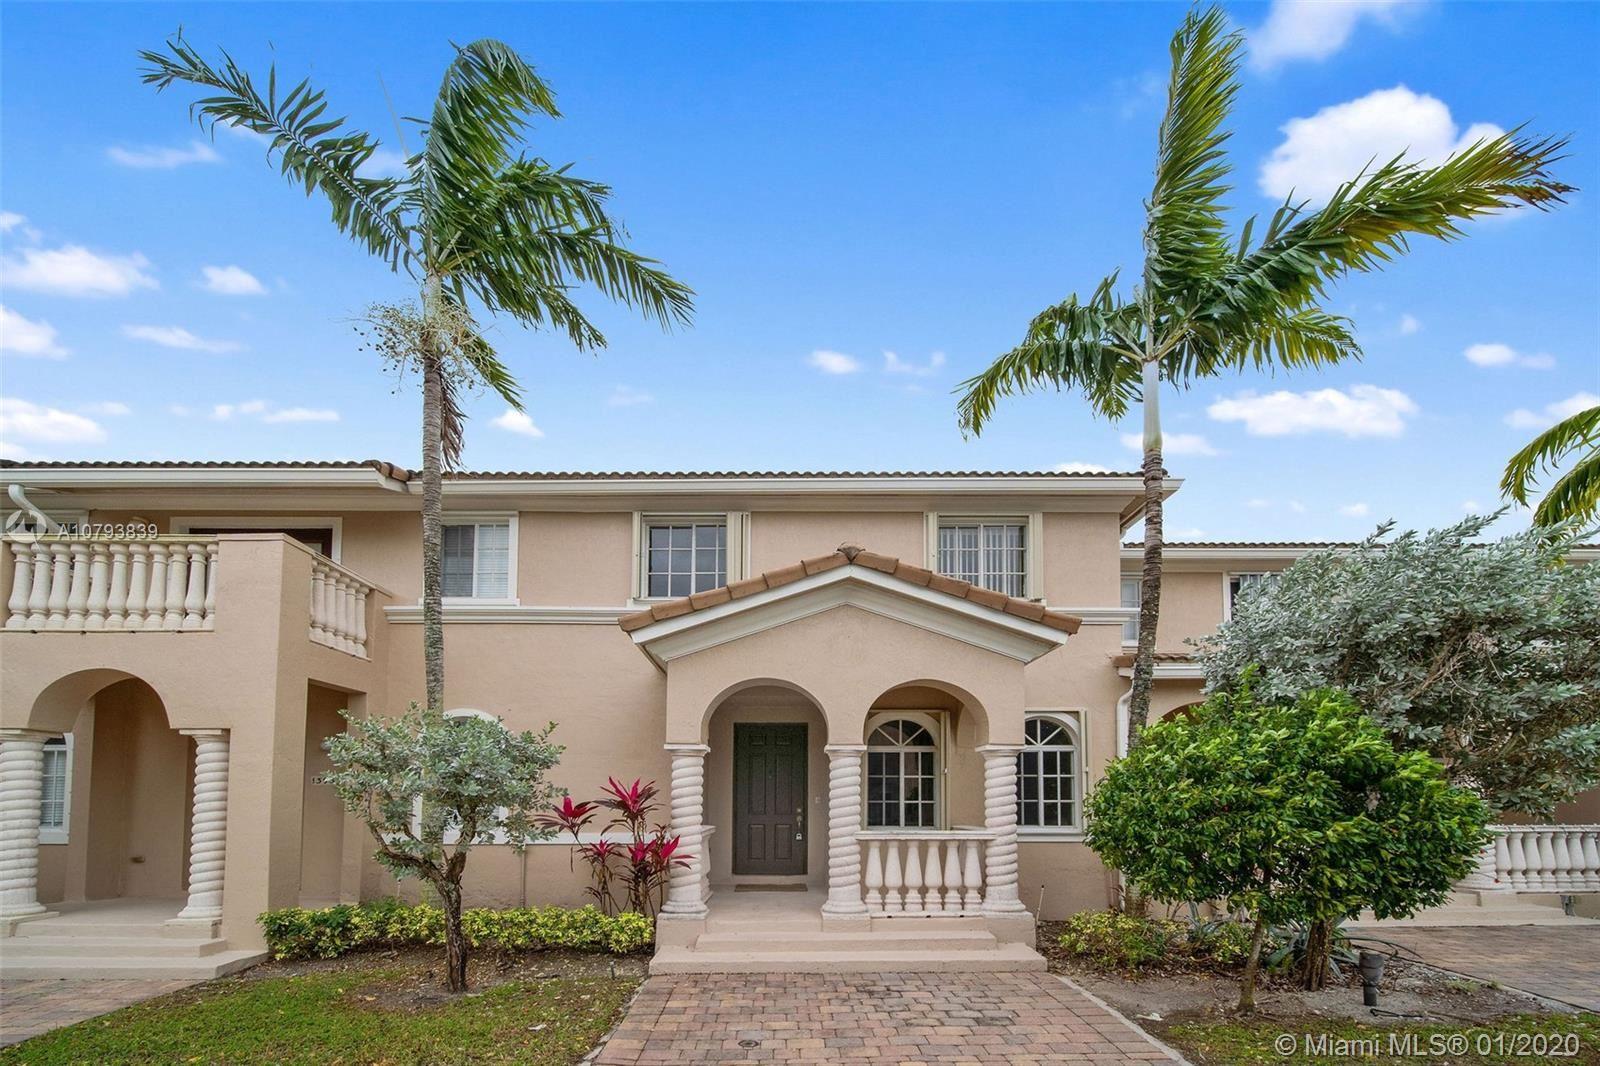 13934 SW 279th Ln, Homestead, FL 33032 - MLS#: A10793839